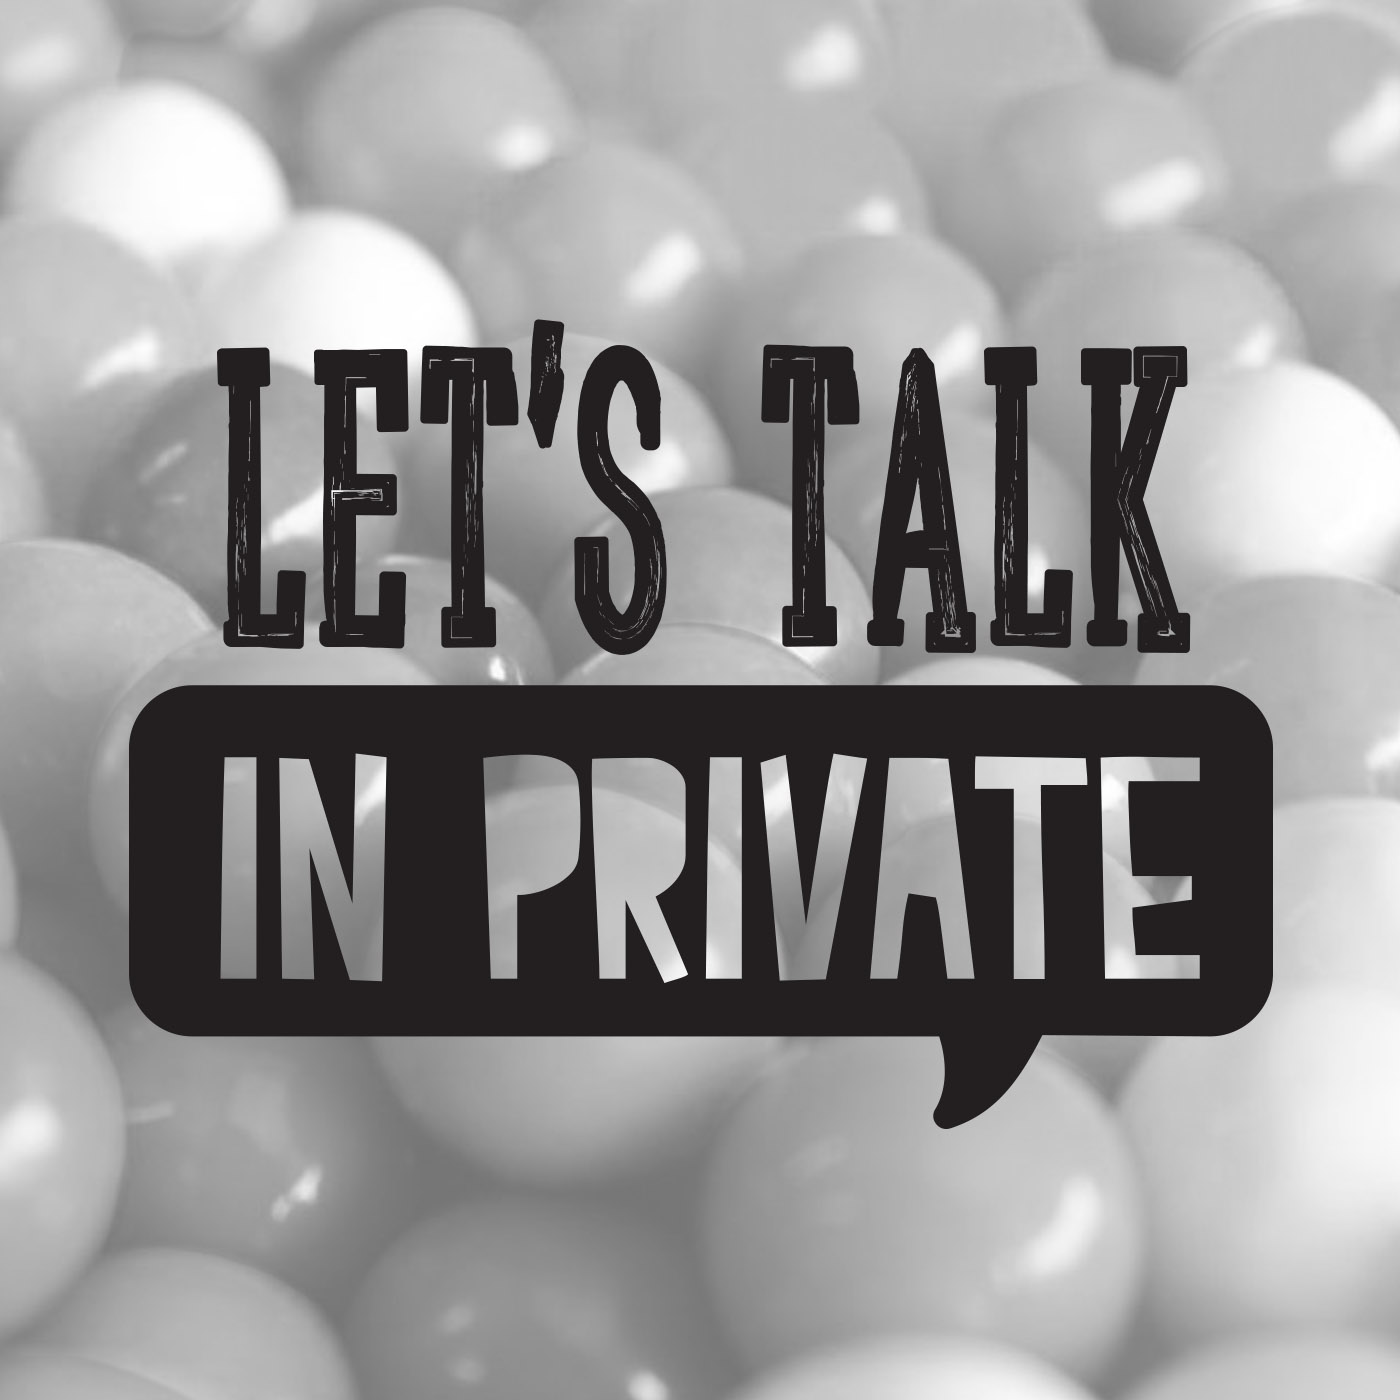 Private photo